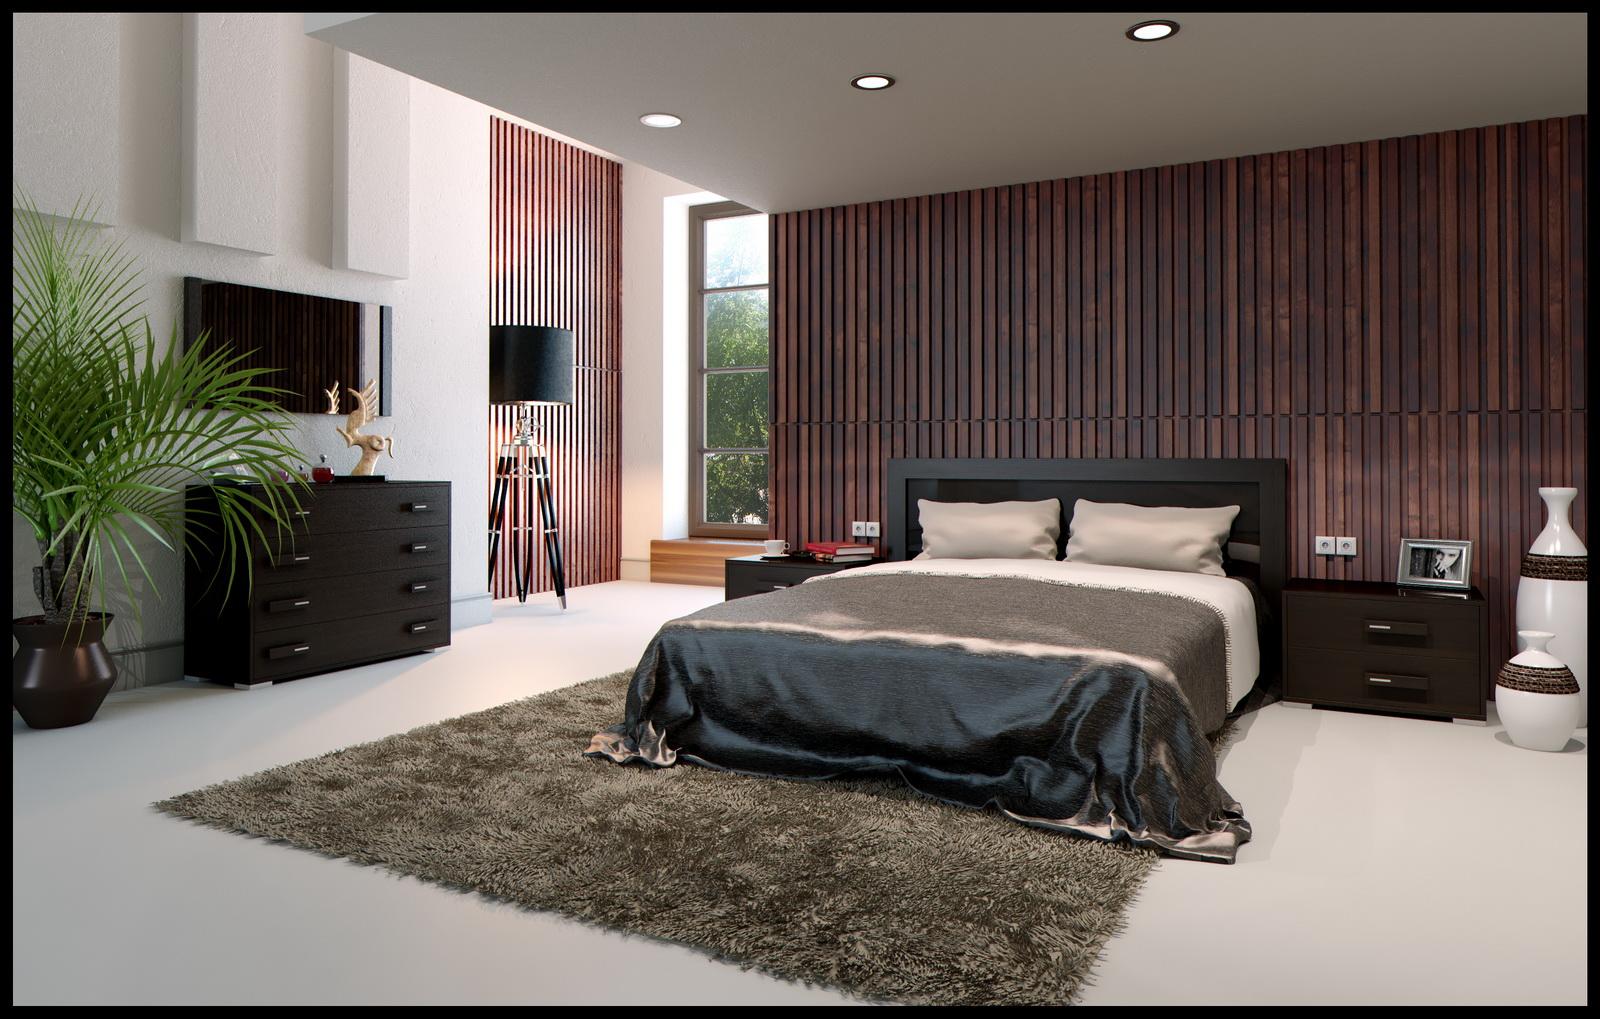 фото спальня соренто белорусская